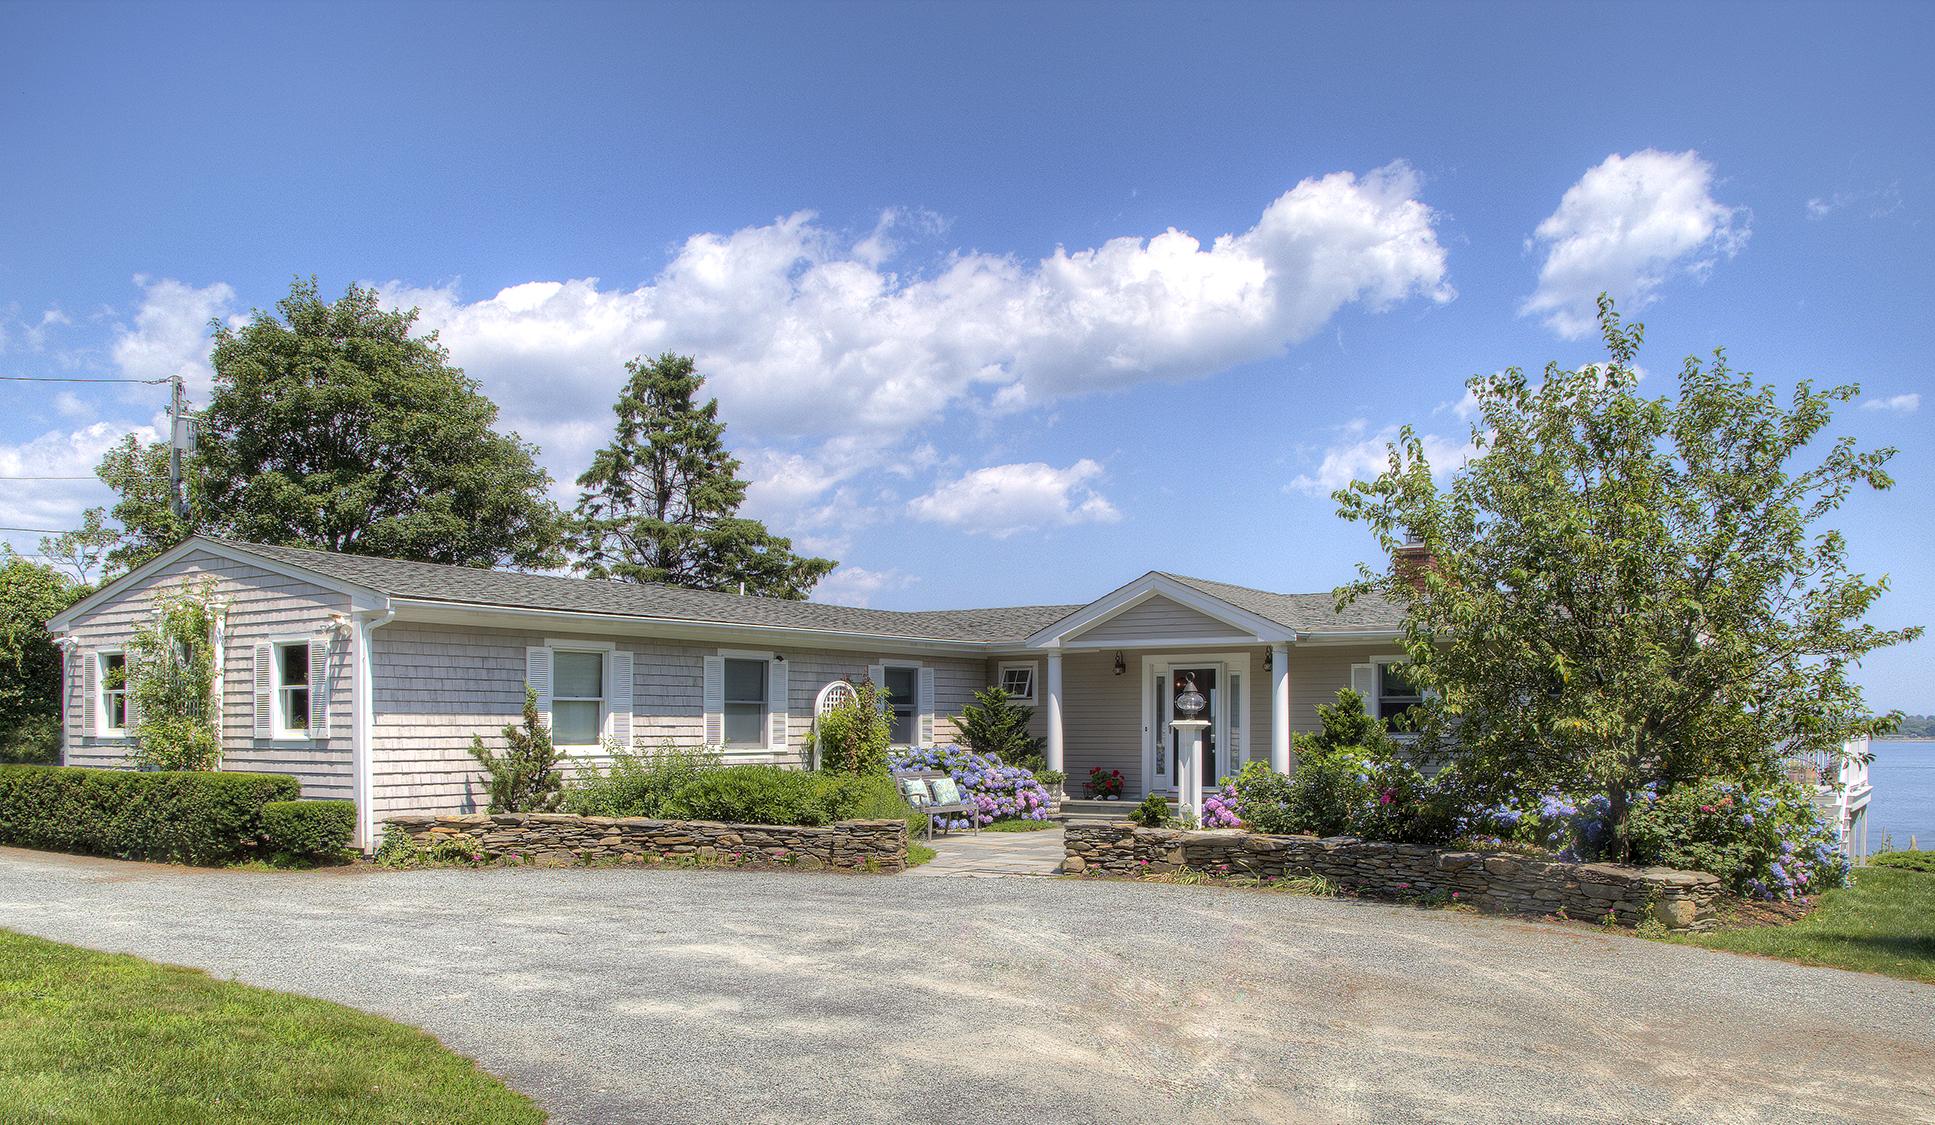 Maison unifamiliale pour l Vente à Waterfront with Beach 179 Indian Avenue Portsmouth, Rhode Island 02871 États-Unis